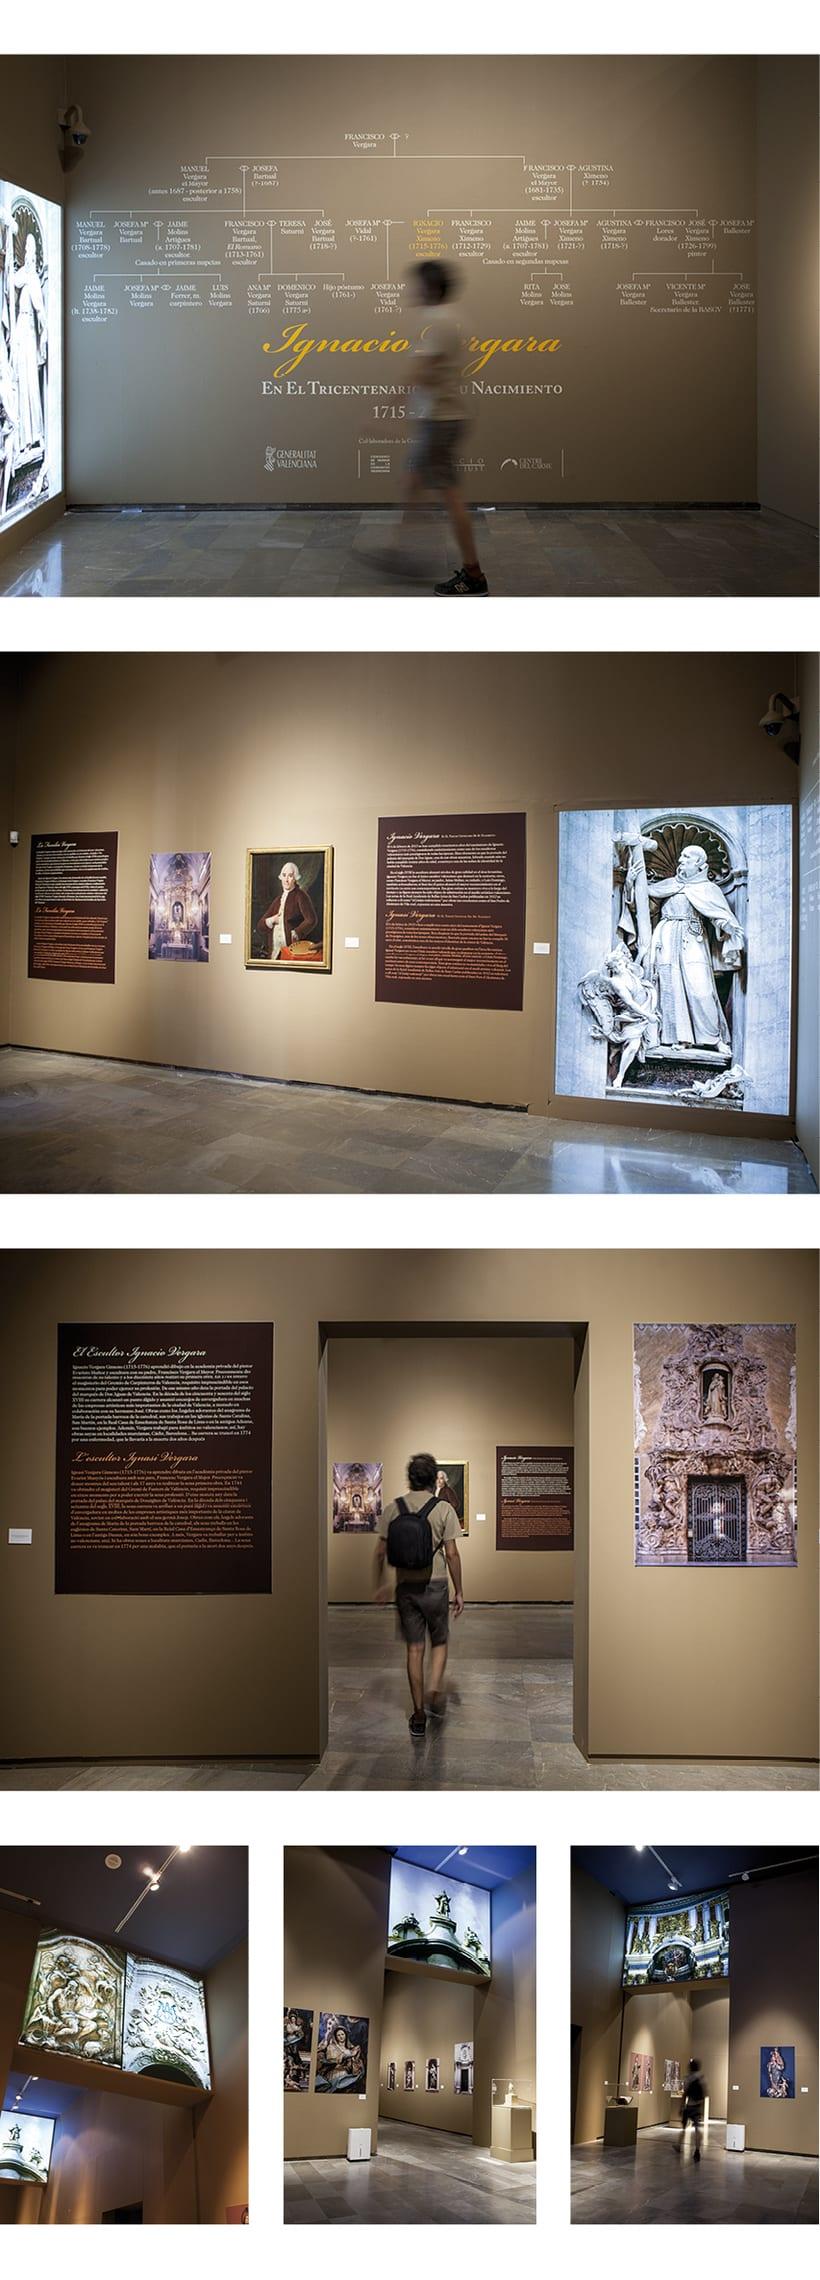 Museos y exposiciones: trabajos para instituciones artísticas 6